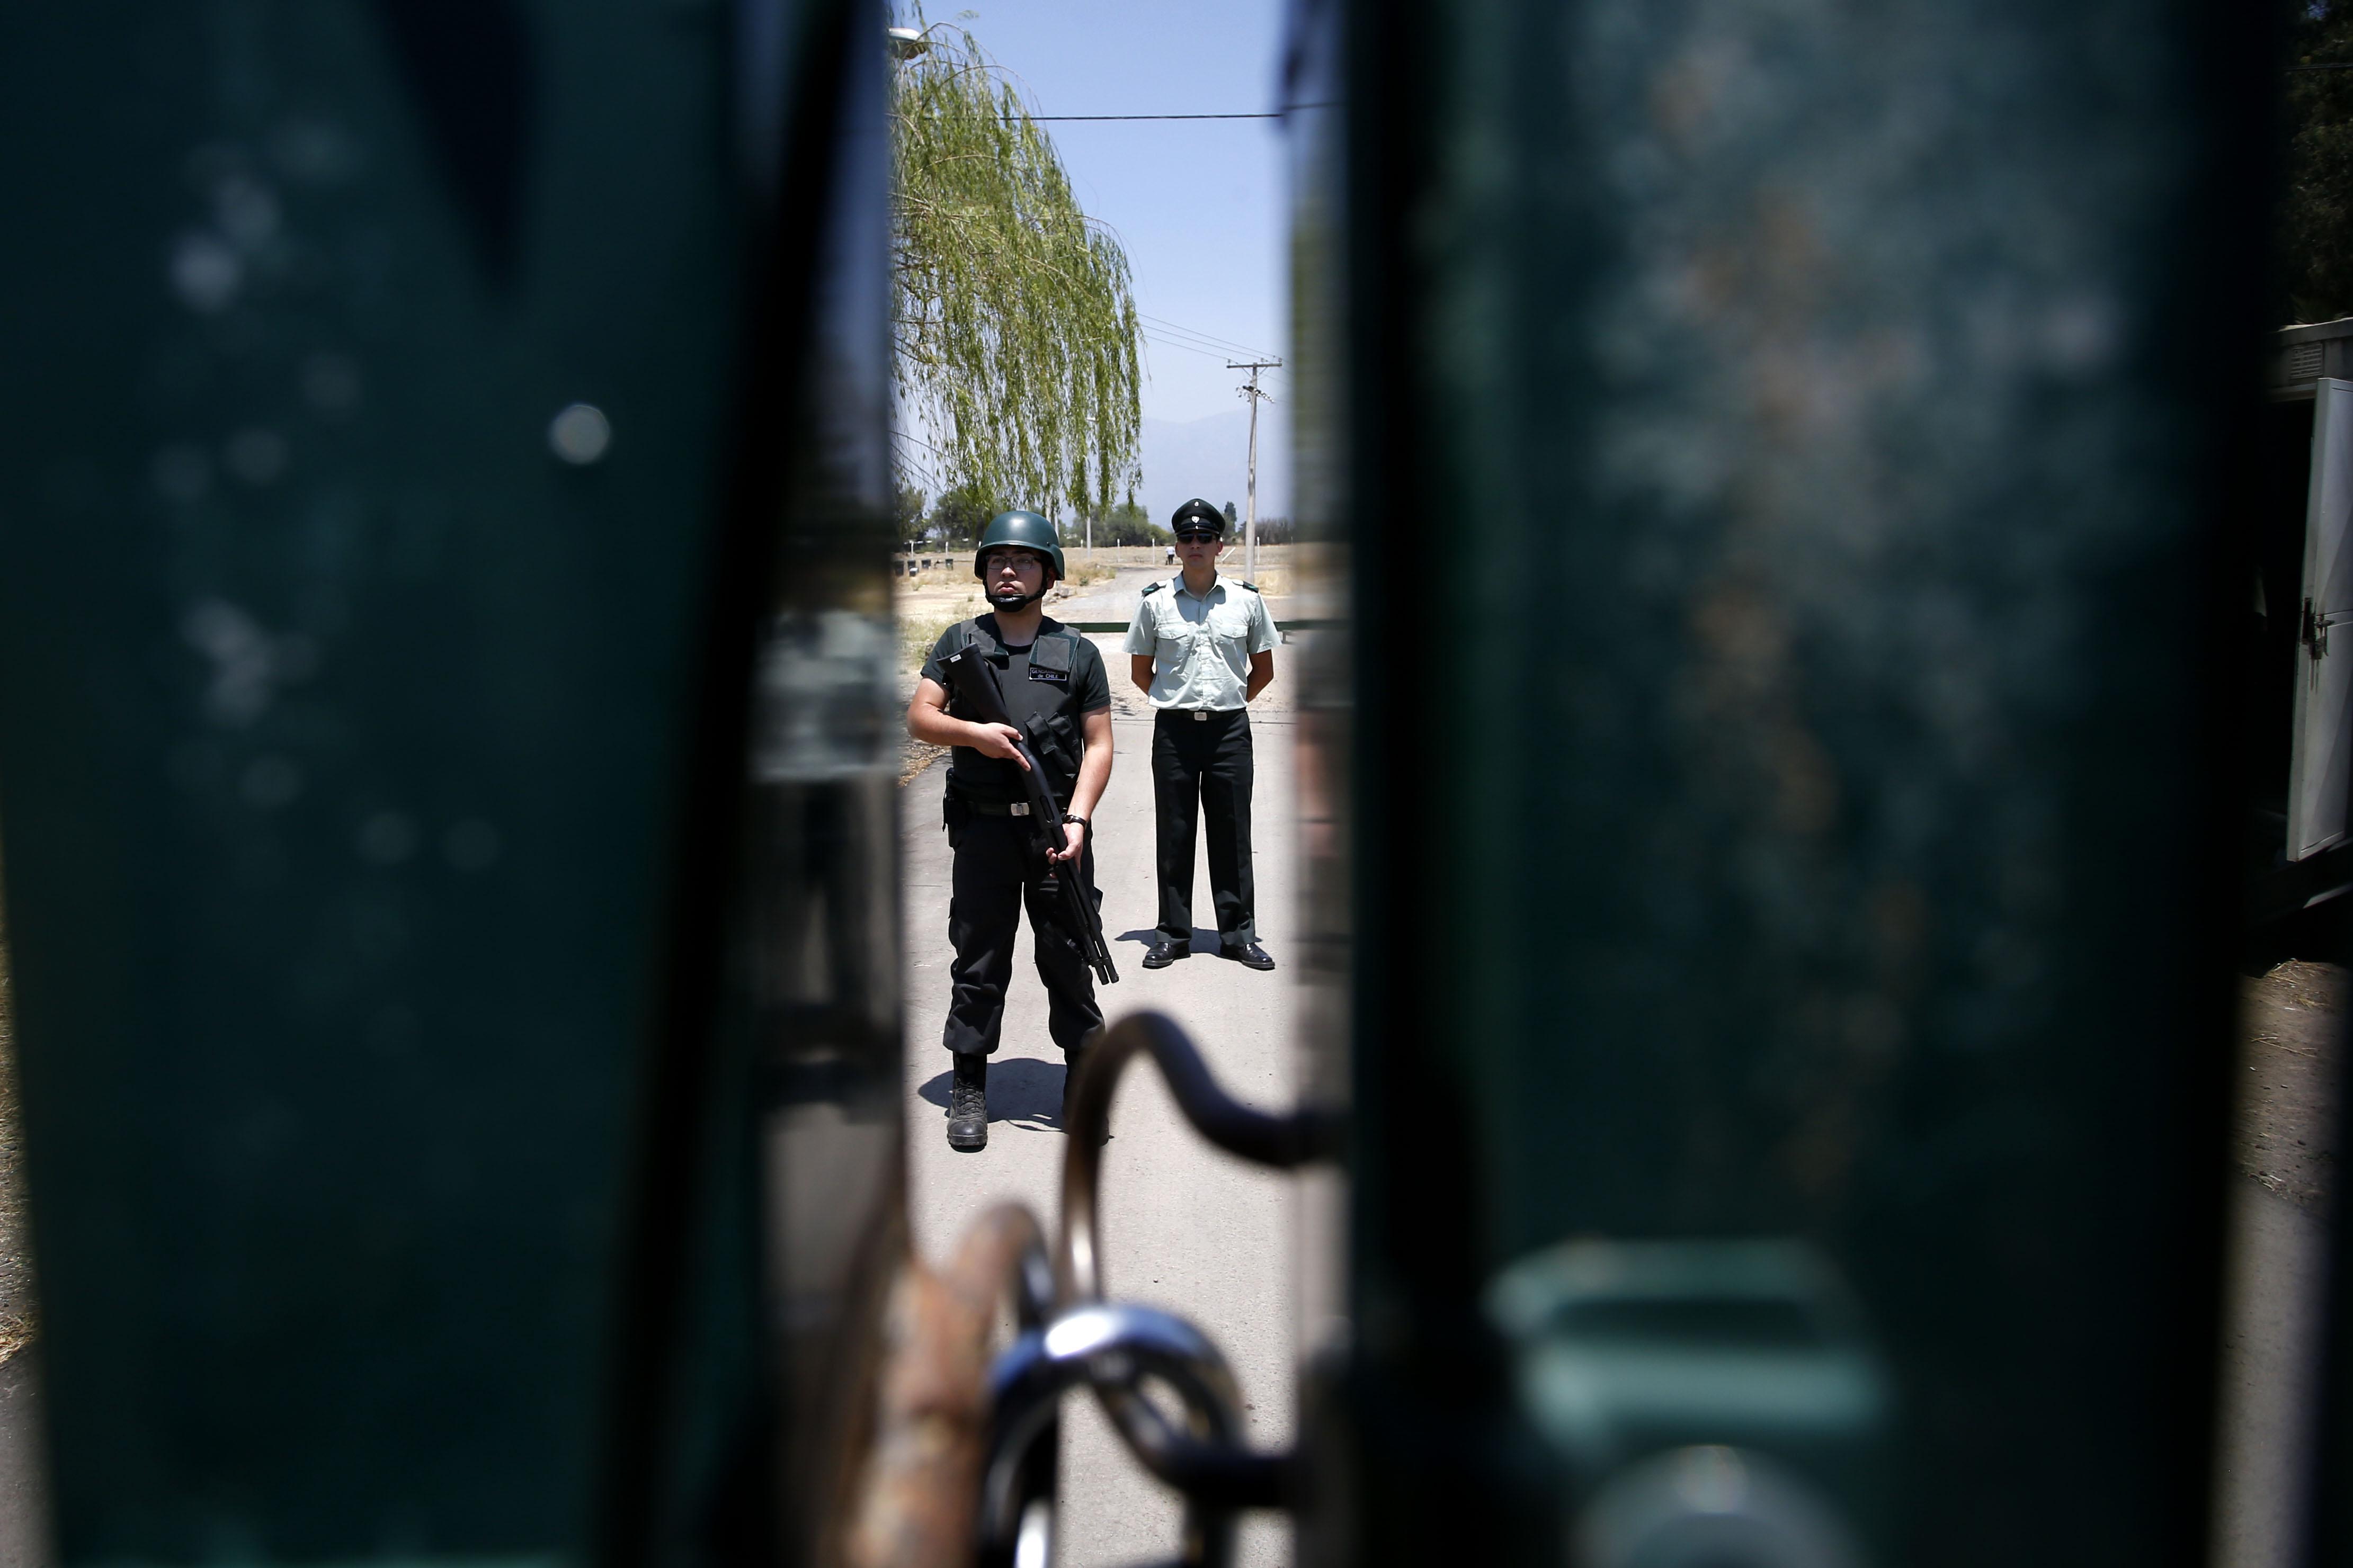 Corte ordena a Gendarmería entregar listado de condenados de Punta Peuco